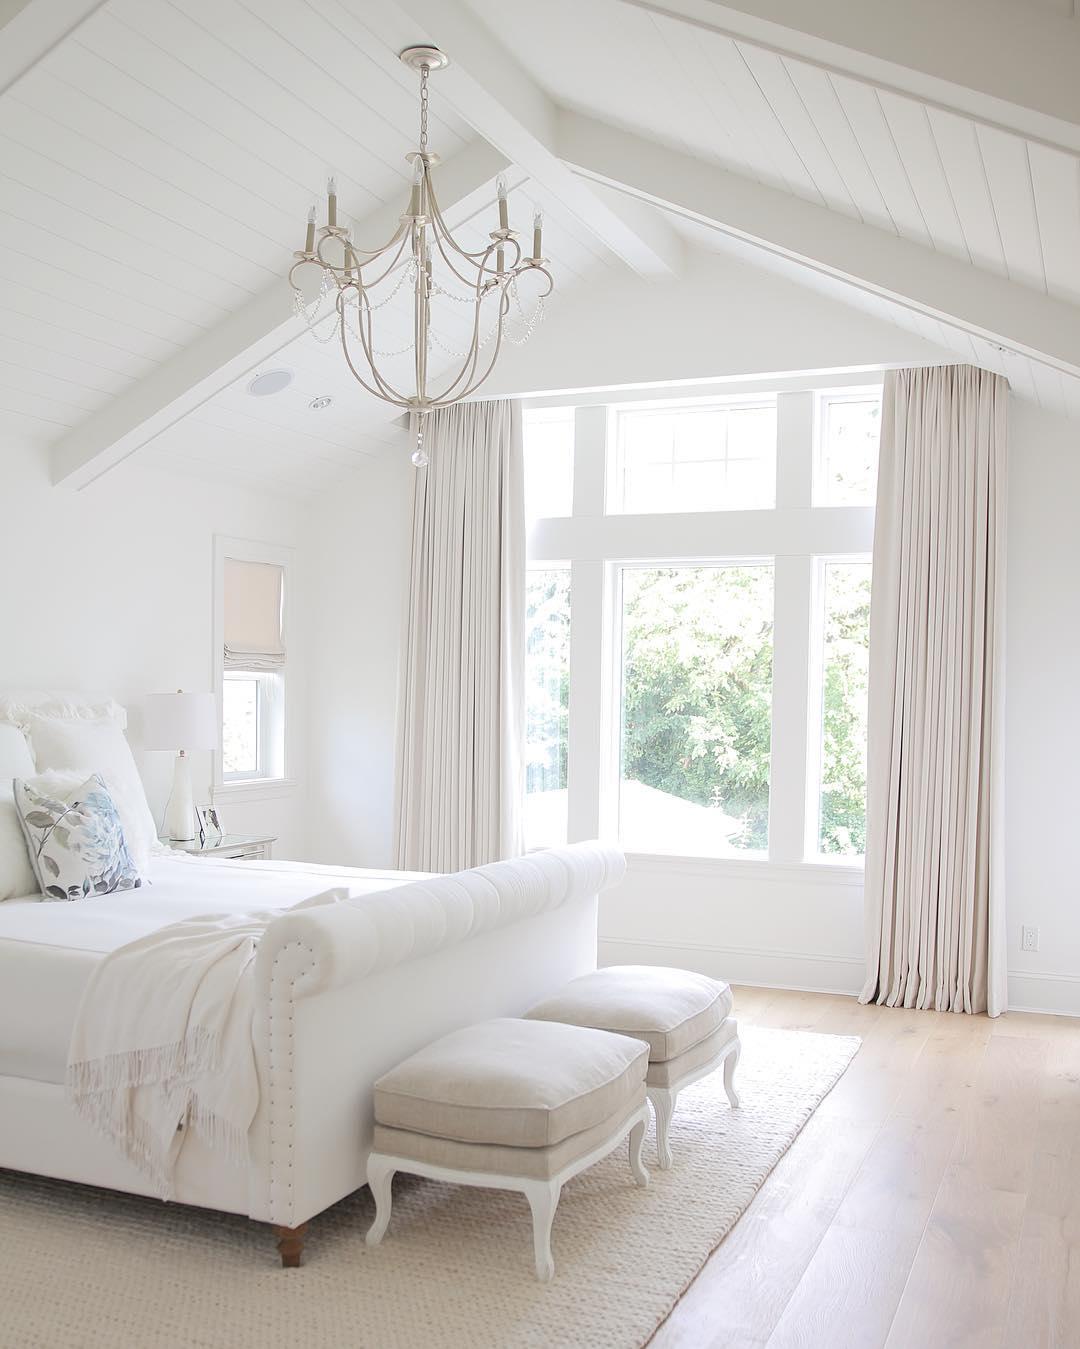 jshomedesign - master bedroom - biały dom